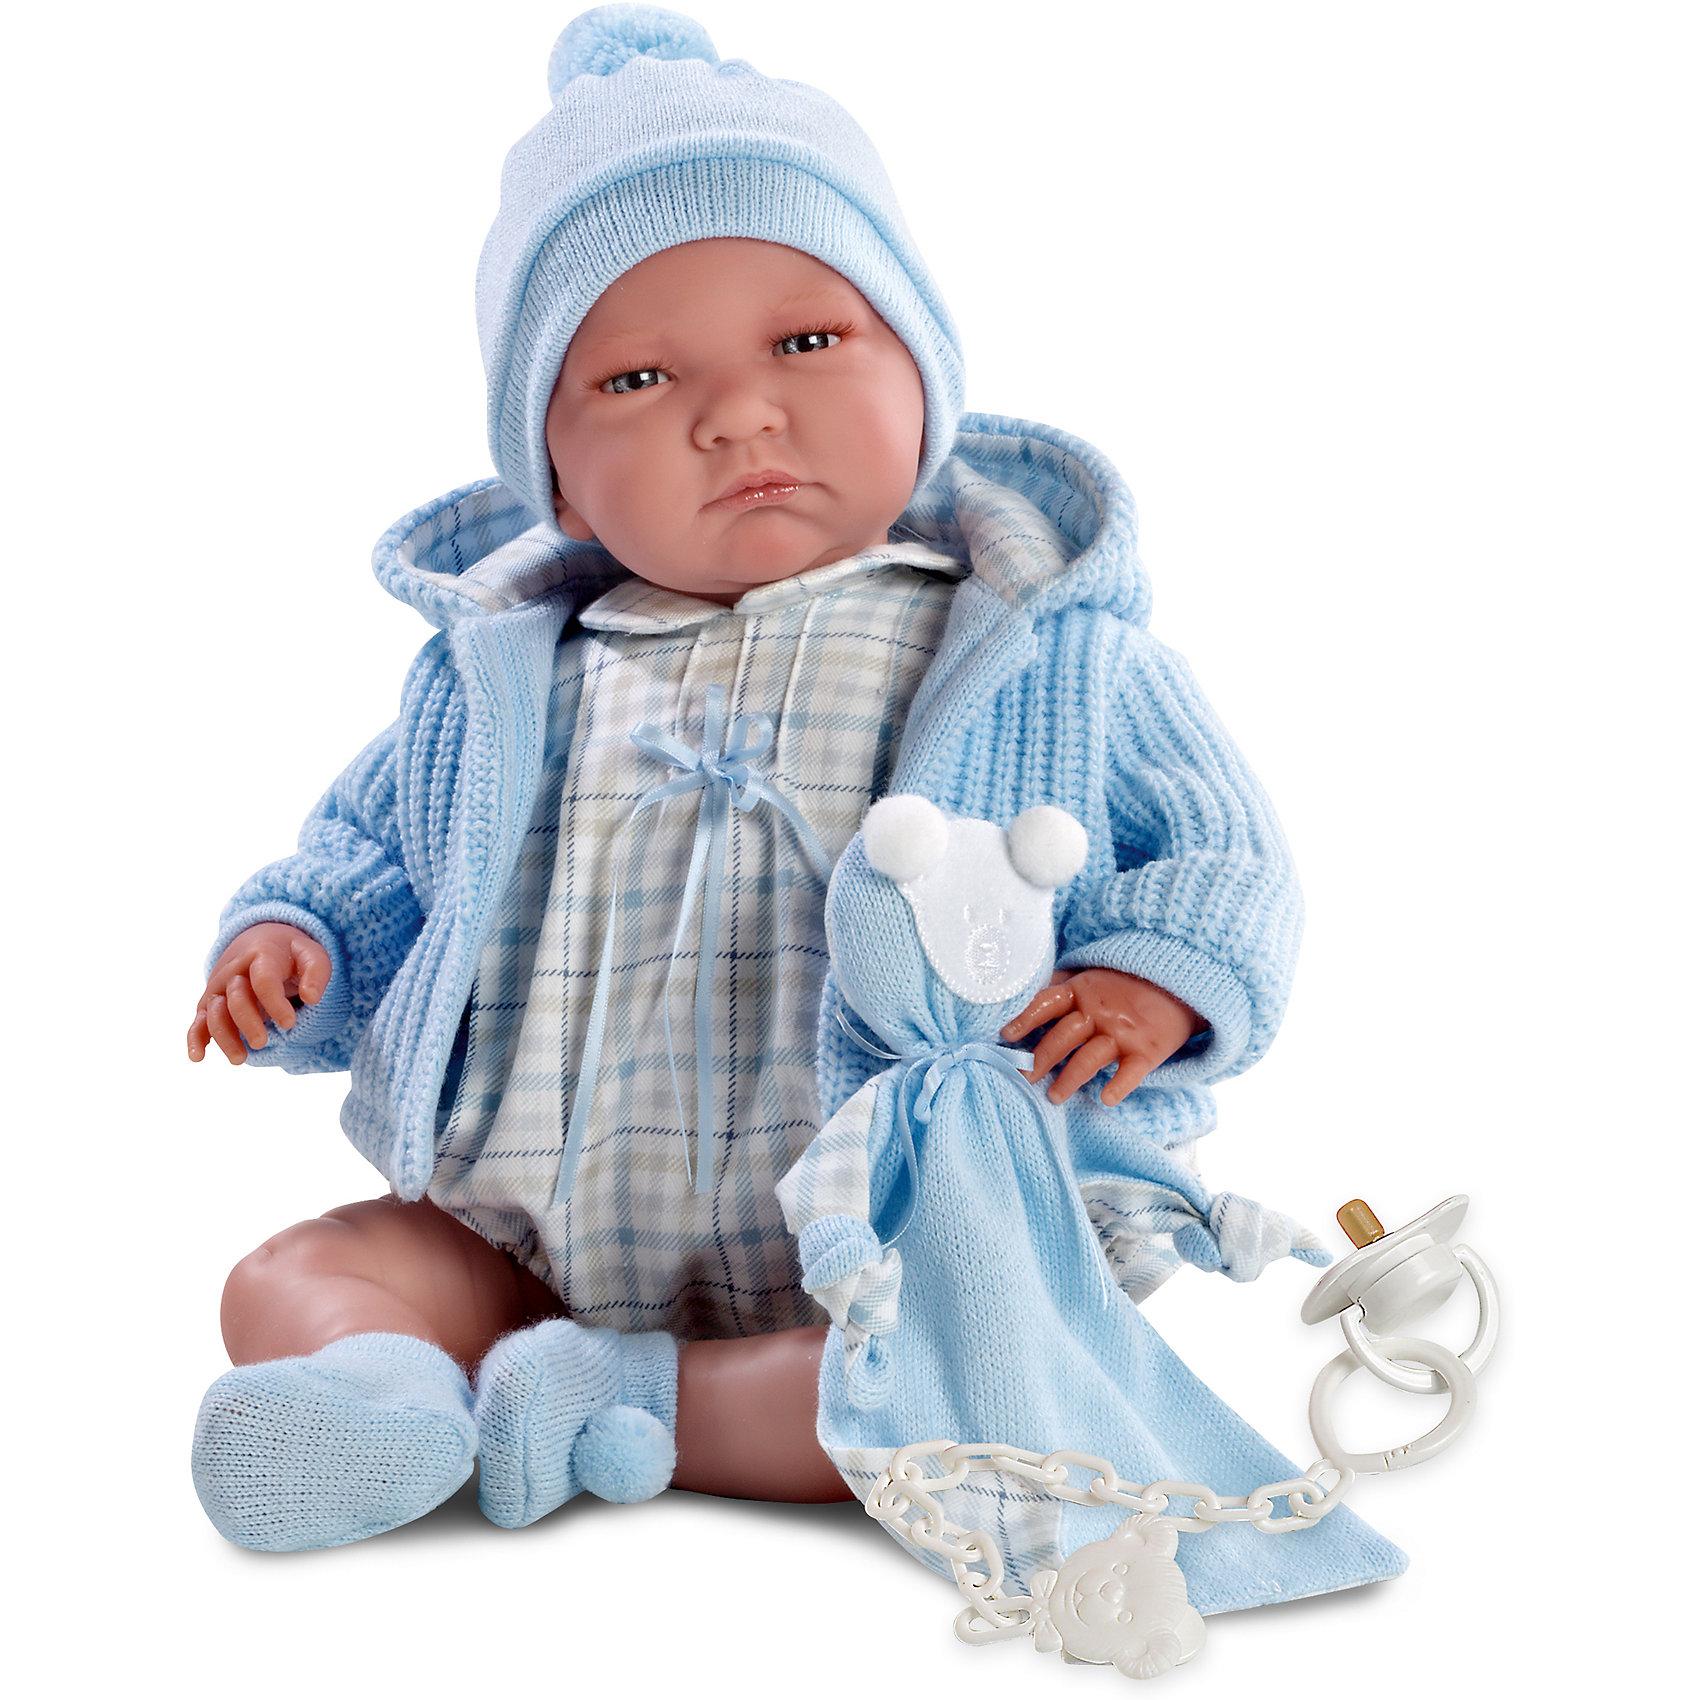 Кукла Лала, 40 см, LlorensХарактеристики:<br><br>• Предназначение: для сюжетно-ролевых игр<br>• Тип куклы: мягконабивная<br>• Пол куклы: мальчик <br>• Волосы: прорисованные<br>• Материал: поливинилхлорид, пластик, текстиль<br>• Цвет: голубой, молочный, бежевый<br>• Высота куклы: 40 см<br>• Комплектация: кукла, кофточка с капюшоном, комбинезон, шапочка, носочки, соска с держателем<br>• Вес: 1 кг 330 г<br>• Размеры упаковки (Д*В*Ш): 23*46*13 см<br>• Упаковка: подарочная картонная коробка <br>• Особенности ухода: допускается деликатная стирка без использования красящих и отбеливающих средств предметов одежды куклы<br><br>Кукла Лало 40 см без звука – пупс, производителем которого является всемирно известный испанский кукольный бренд Llorens. Куклы этой торговой марки имеют свою неповторимую внешность и целую линейку образов как пупсов, так и кукол-малышей. Игрушки выполнены из сочетания поливинилхлорида и пластика, что позволяет с высокой долей достоверности воссоздать физиологические и мимические особенности маленьких детей. При изготовлении кукол Llorens используются только сертифицированные материалы, безопасные и не вызывающие аллергических реакций. Волосы у кукол-пупсов прорисованные; ручки и ножки двигаются.<br>Кукла Лало 40 смбез звука выполнена в образе малыша: голубые глазки и пухлые щечки создают невероятно очаровательный и милый образ. В комплект одежды входит легкий комбинезончик в клеточку, вязаная кофточка с капюшоном, шапочка и носочки. В наборе имеется текстильный аксессуар с аппликацией в виде мишки. <br>Кукла Лало 40 см без звука – это идеальный вариант для подарка к различным праздникам и торжествам.<br><br>Куклу Лало 40 см без звука можно купить в нашем интернет-магазине.<br><br>Ширина мм: 23<br>Глубина мм: 46<br>Высота мм: 13<br>Вес г: 1330<br>Возраст от месяцев: 36<br>Возраст до месяцев: 84<br>Пол: Женский<br>Возраст: Детский<br>SKU: 5086933